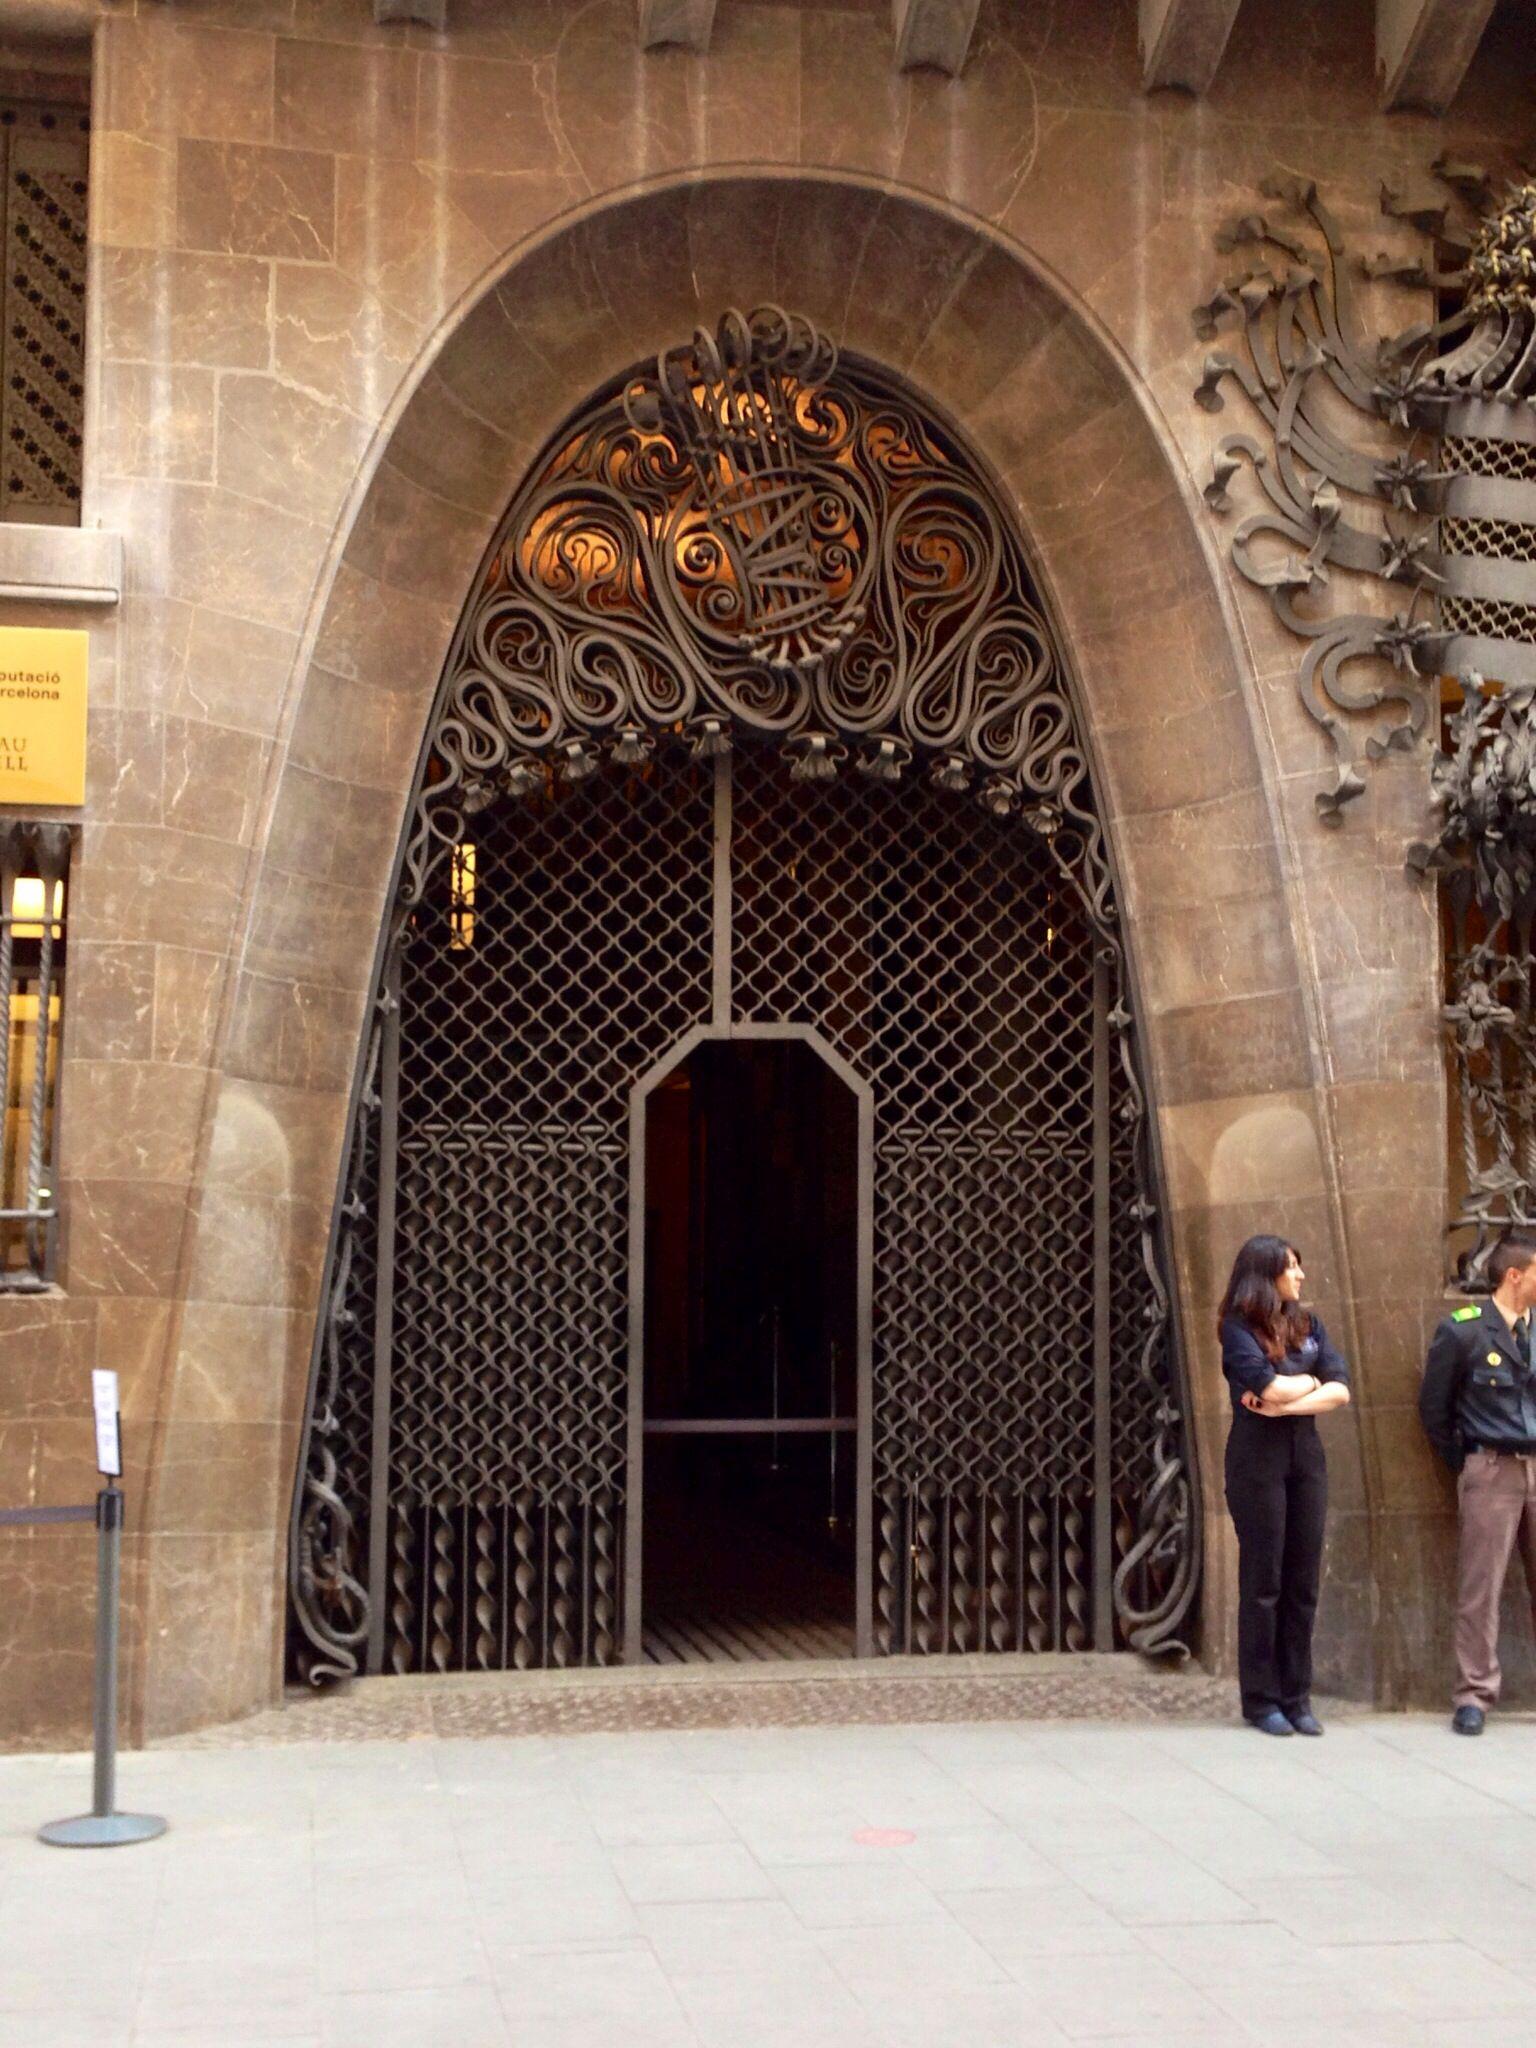 Puerta / edifficio de Gaudí en Barcelona